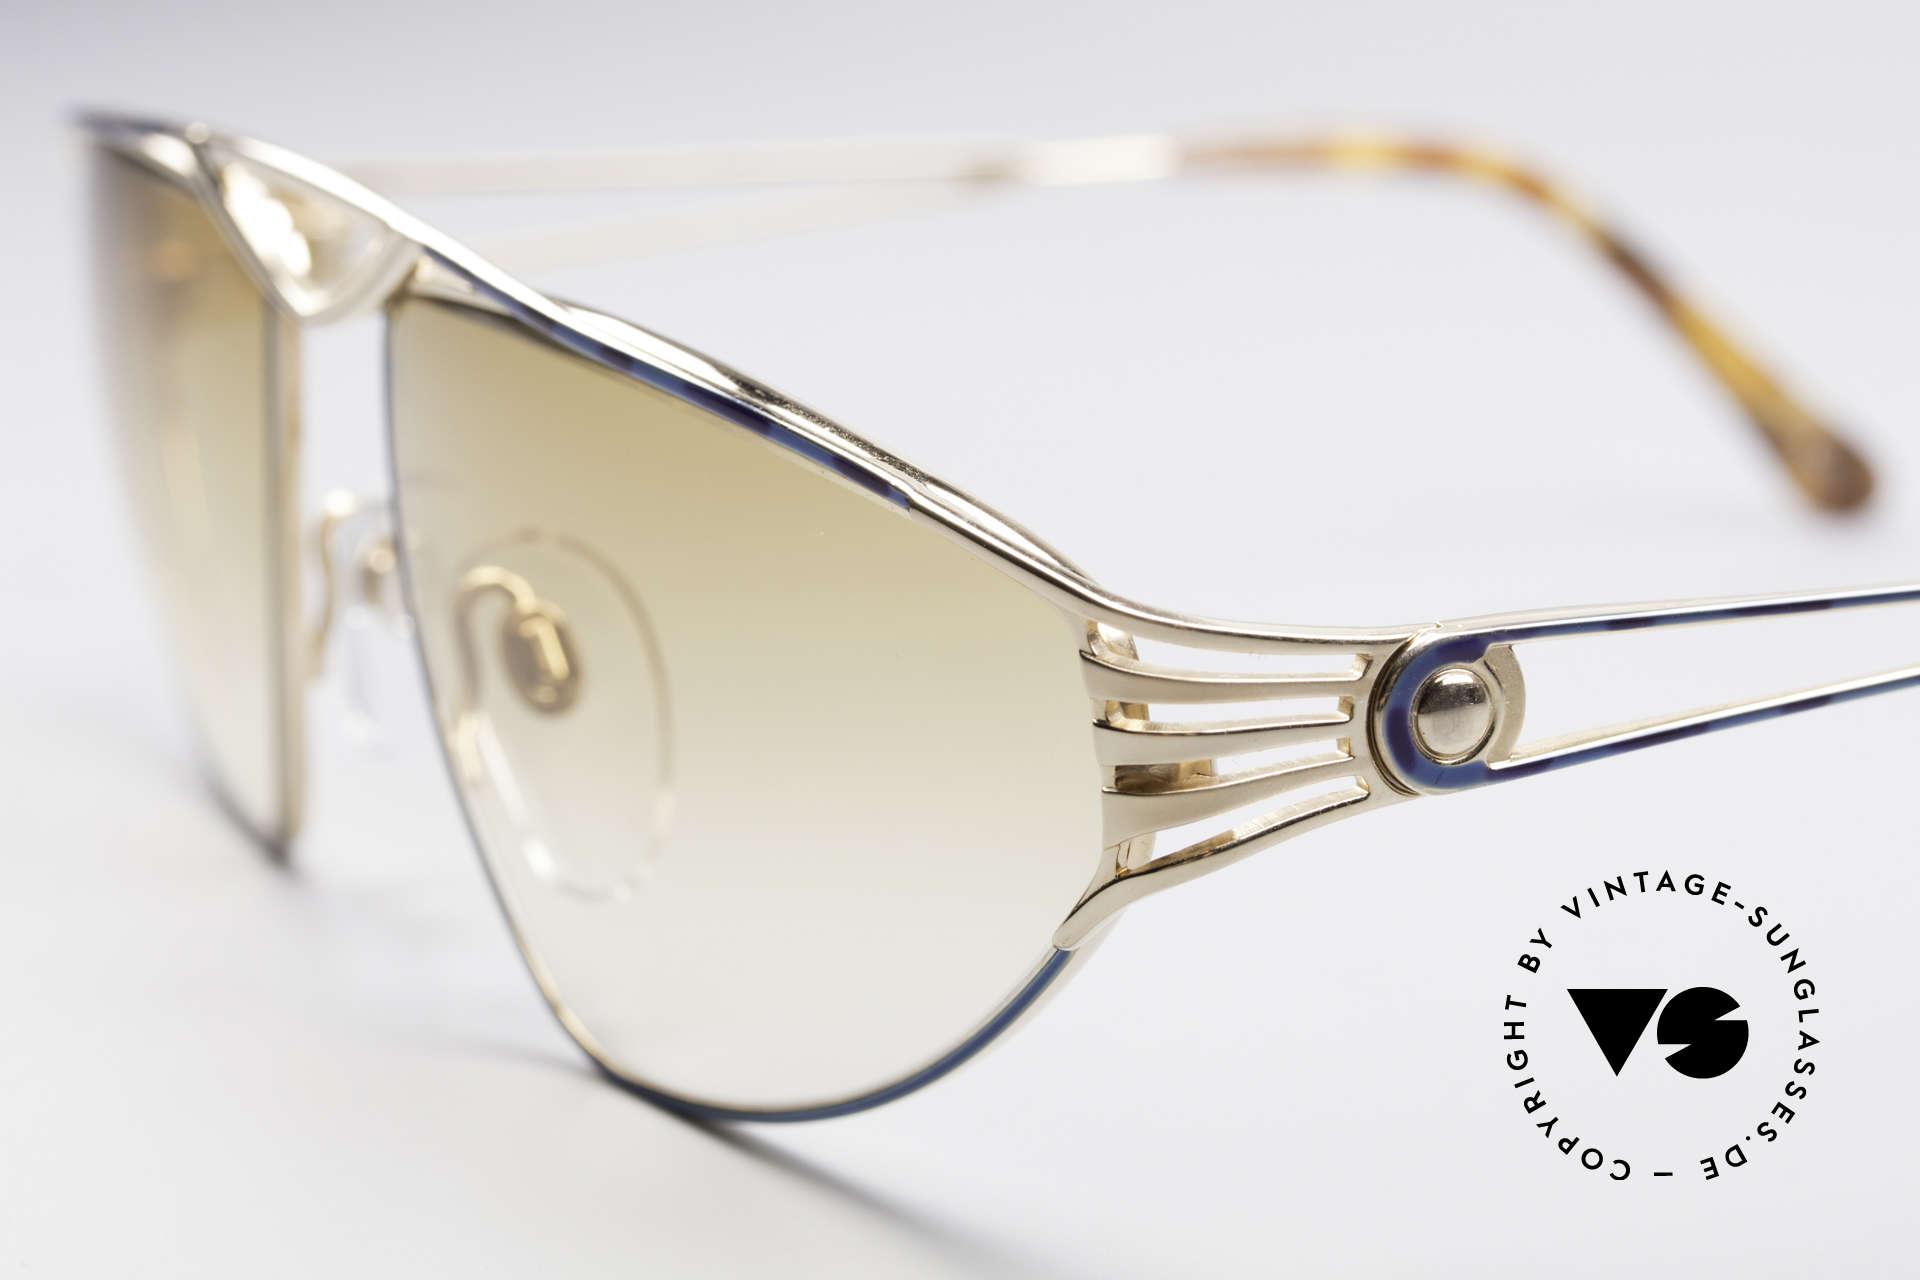 St. Moritz 4410 90er Luxus Sonnenbrille, enorm hochwertig (vergoldet & sehr aufwändig lackiert), Passend für Damen